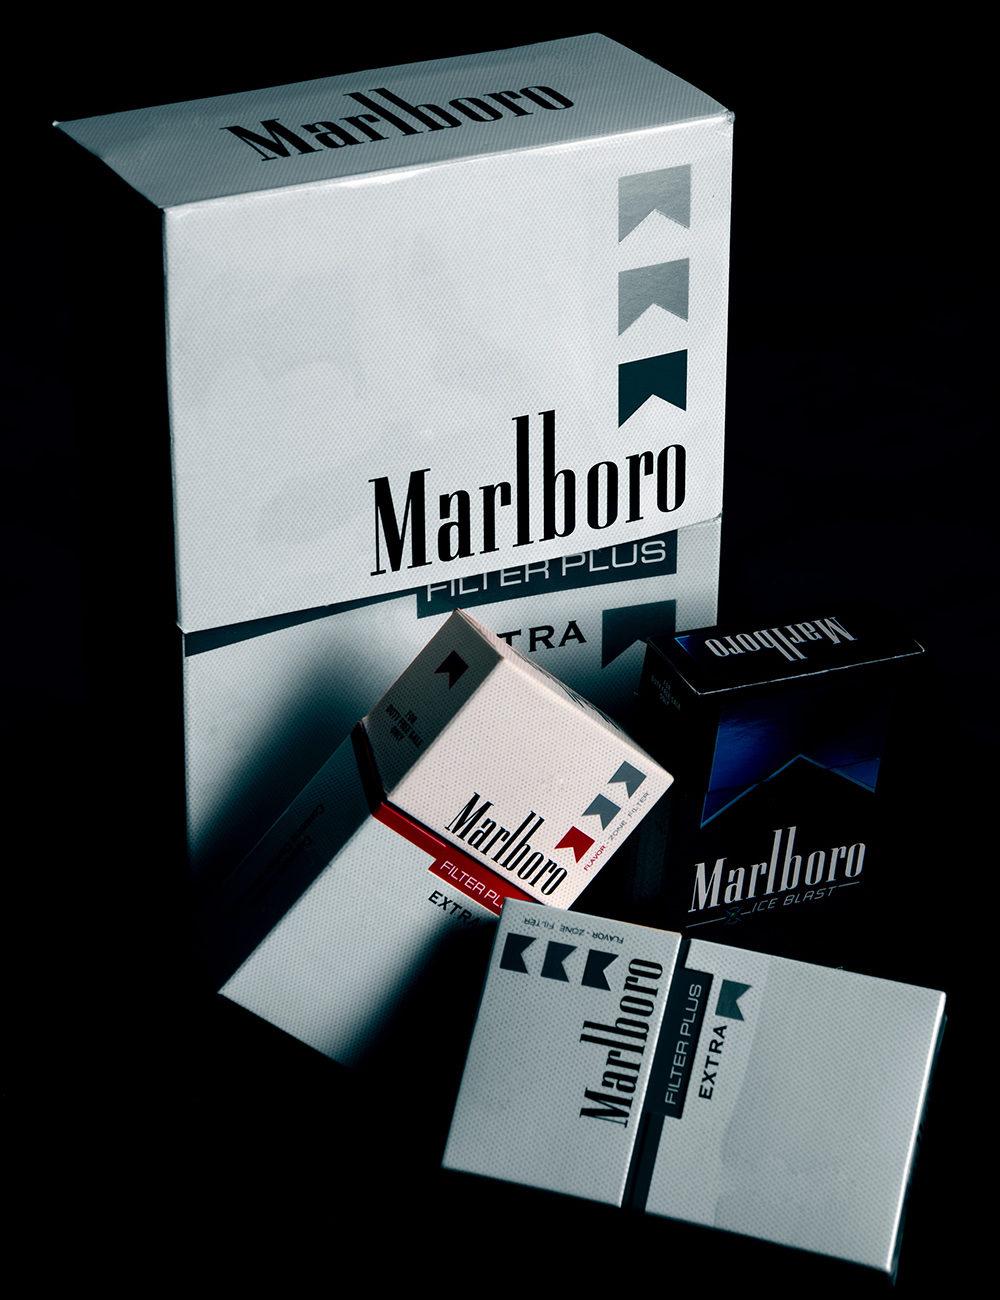 1_cigarettes-marlboro-smoking-57528_Nima_Ashkbari_pexels.com_1000px